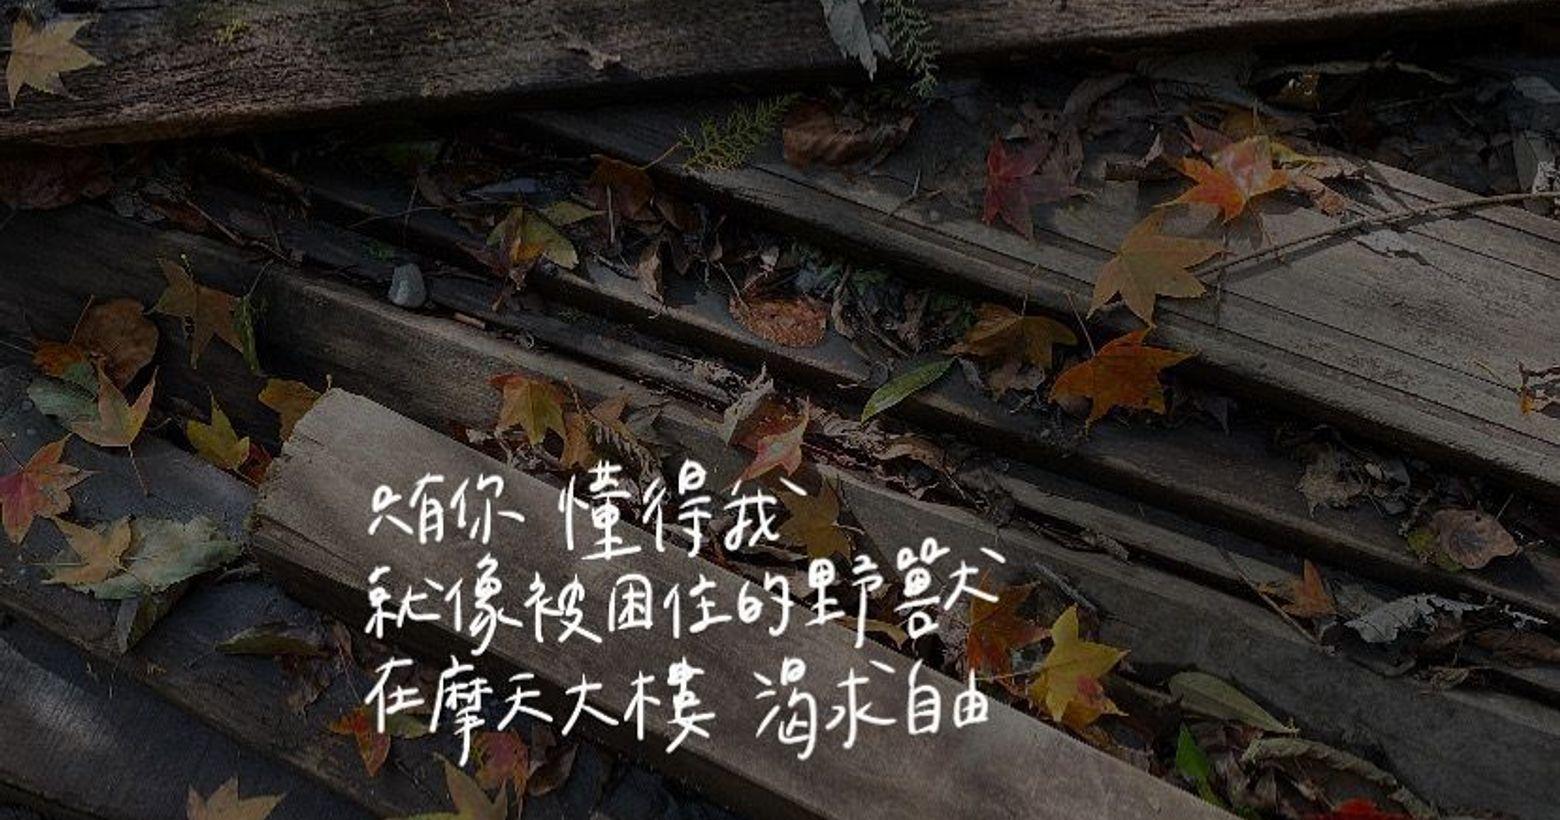 ✍🏼手寫溫度 / 想自由-隨心所欲是件奢侈的事多少人的夢想跟軀殼都被困在社會的囹圄裡🤐.📸#桃